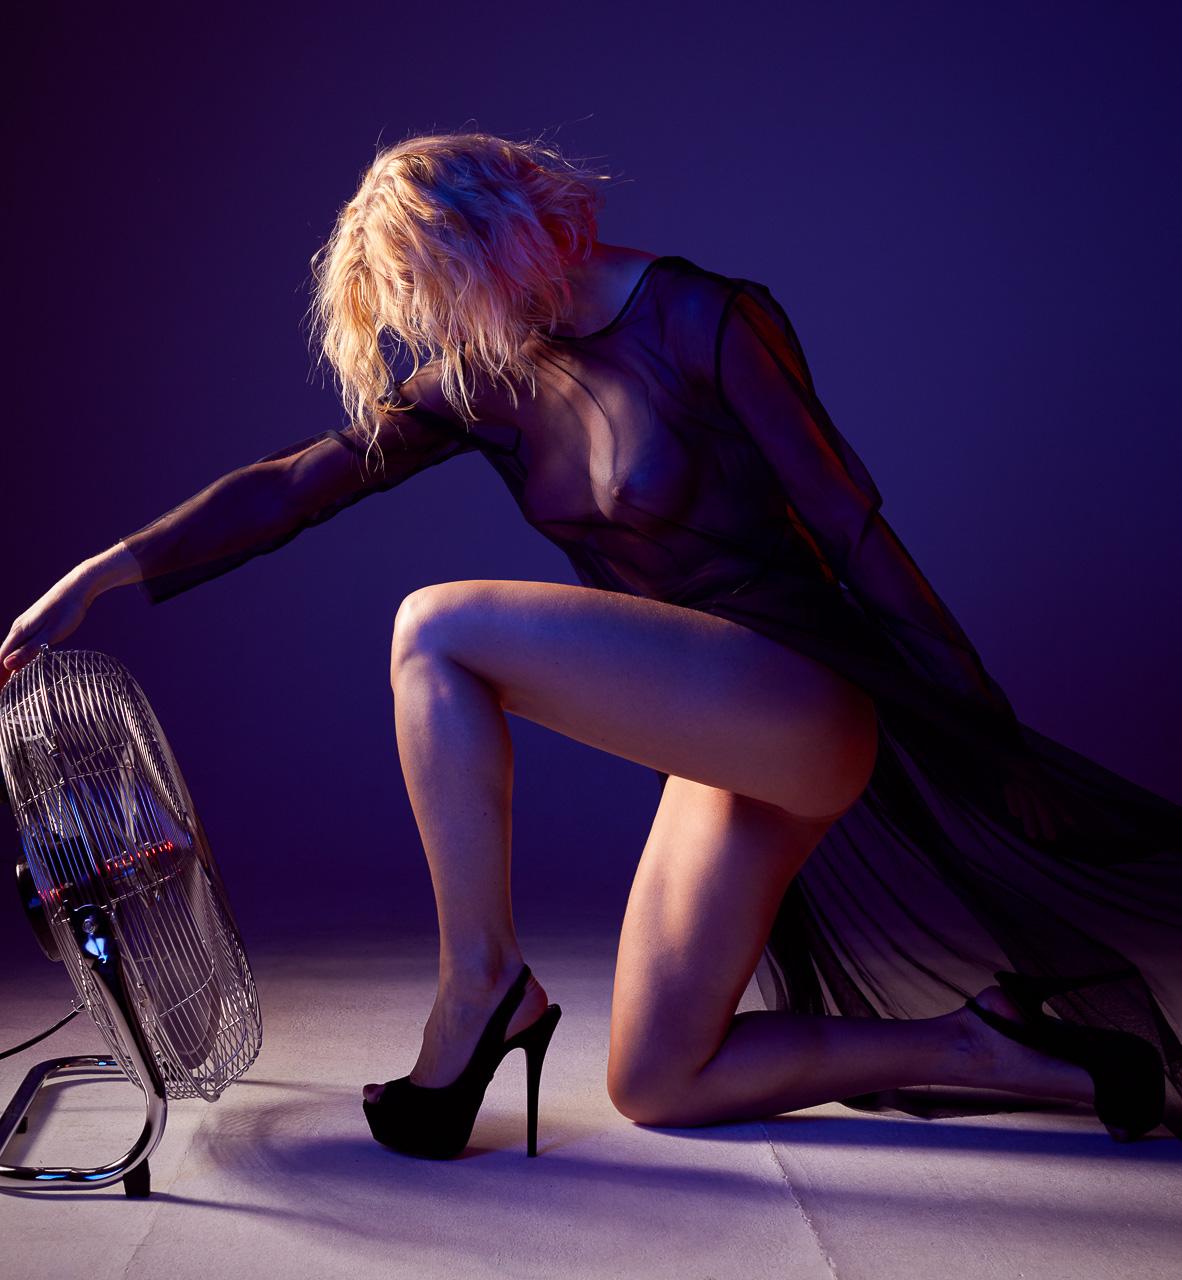 Fotograf München Dessous Glamour Portrait Fotostudio Sexy